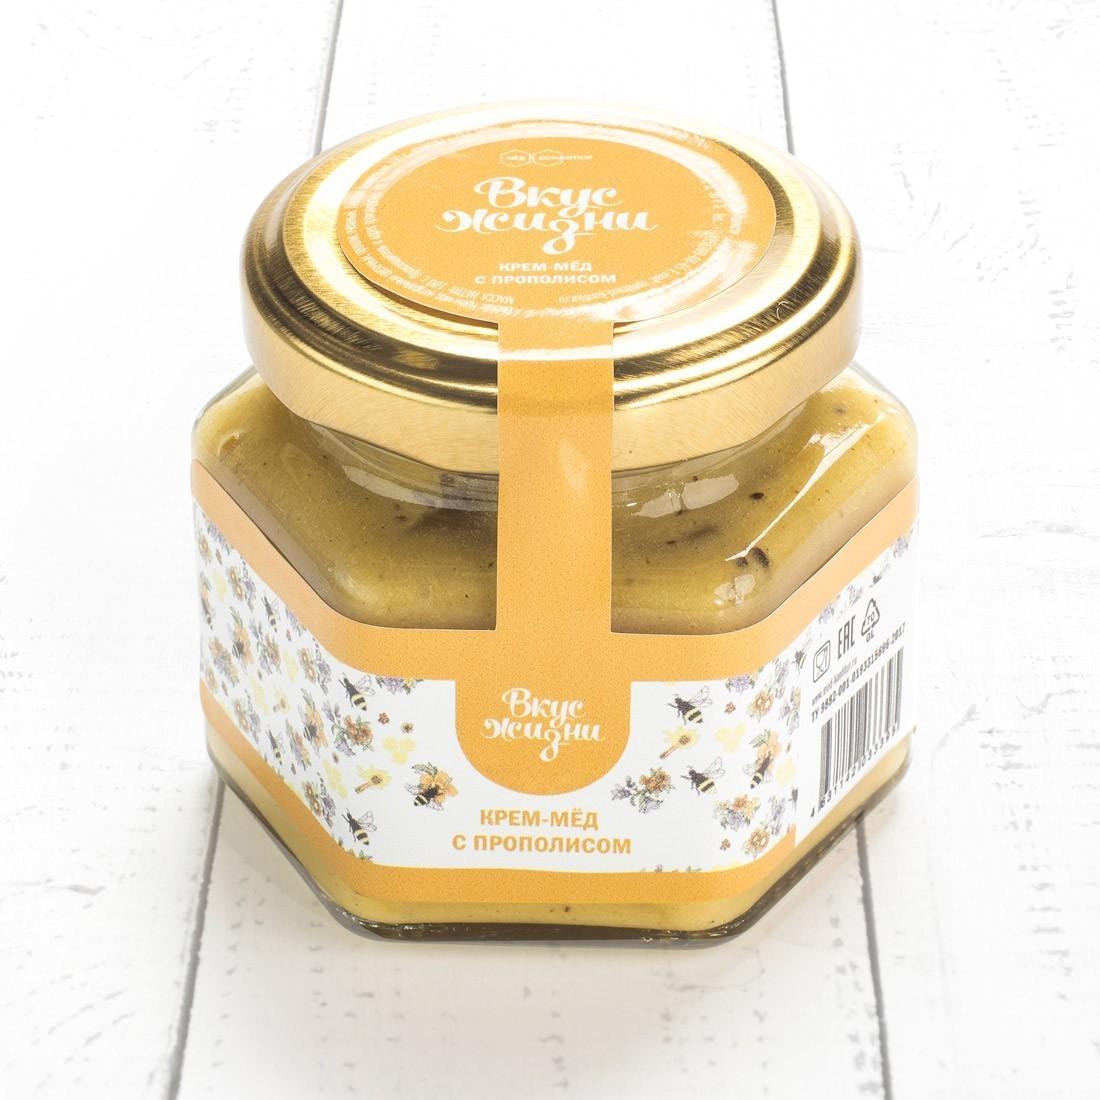 Мед С Прополисом Похудение. Пчелиный прополис для похудения: как принимать продукт